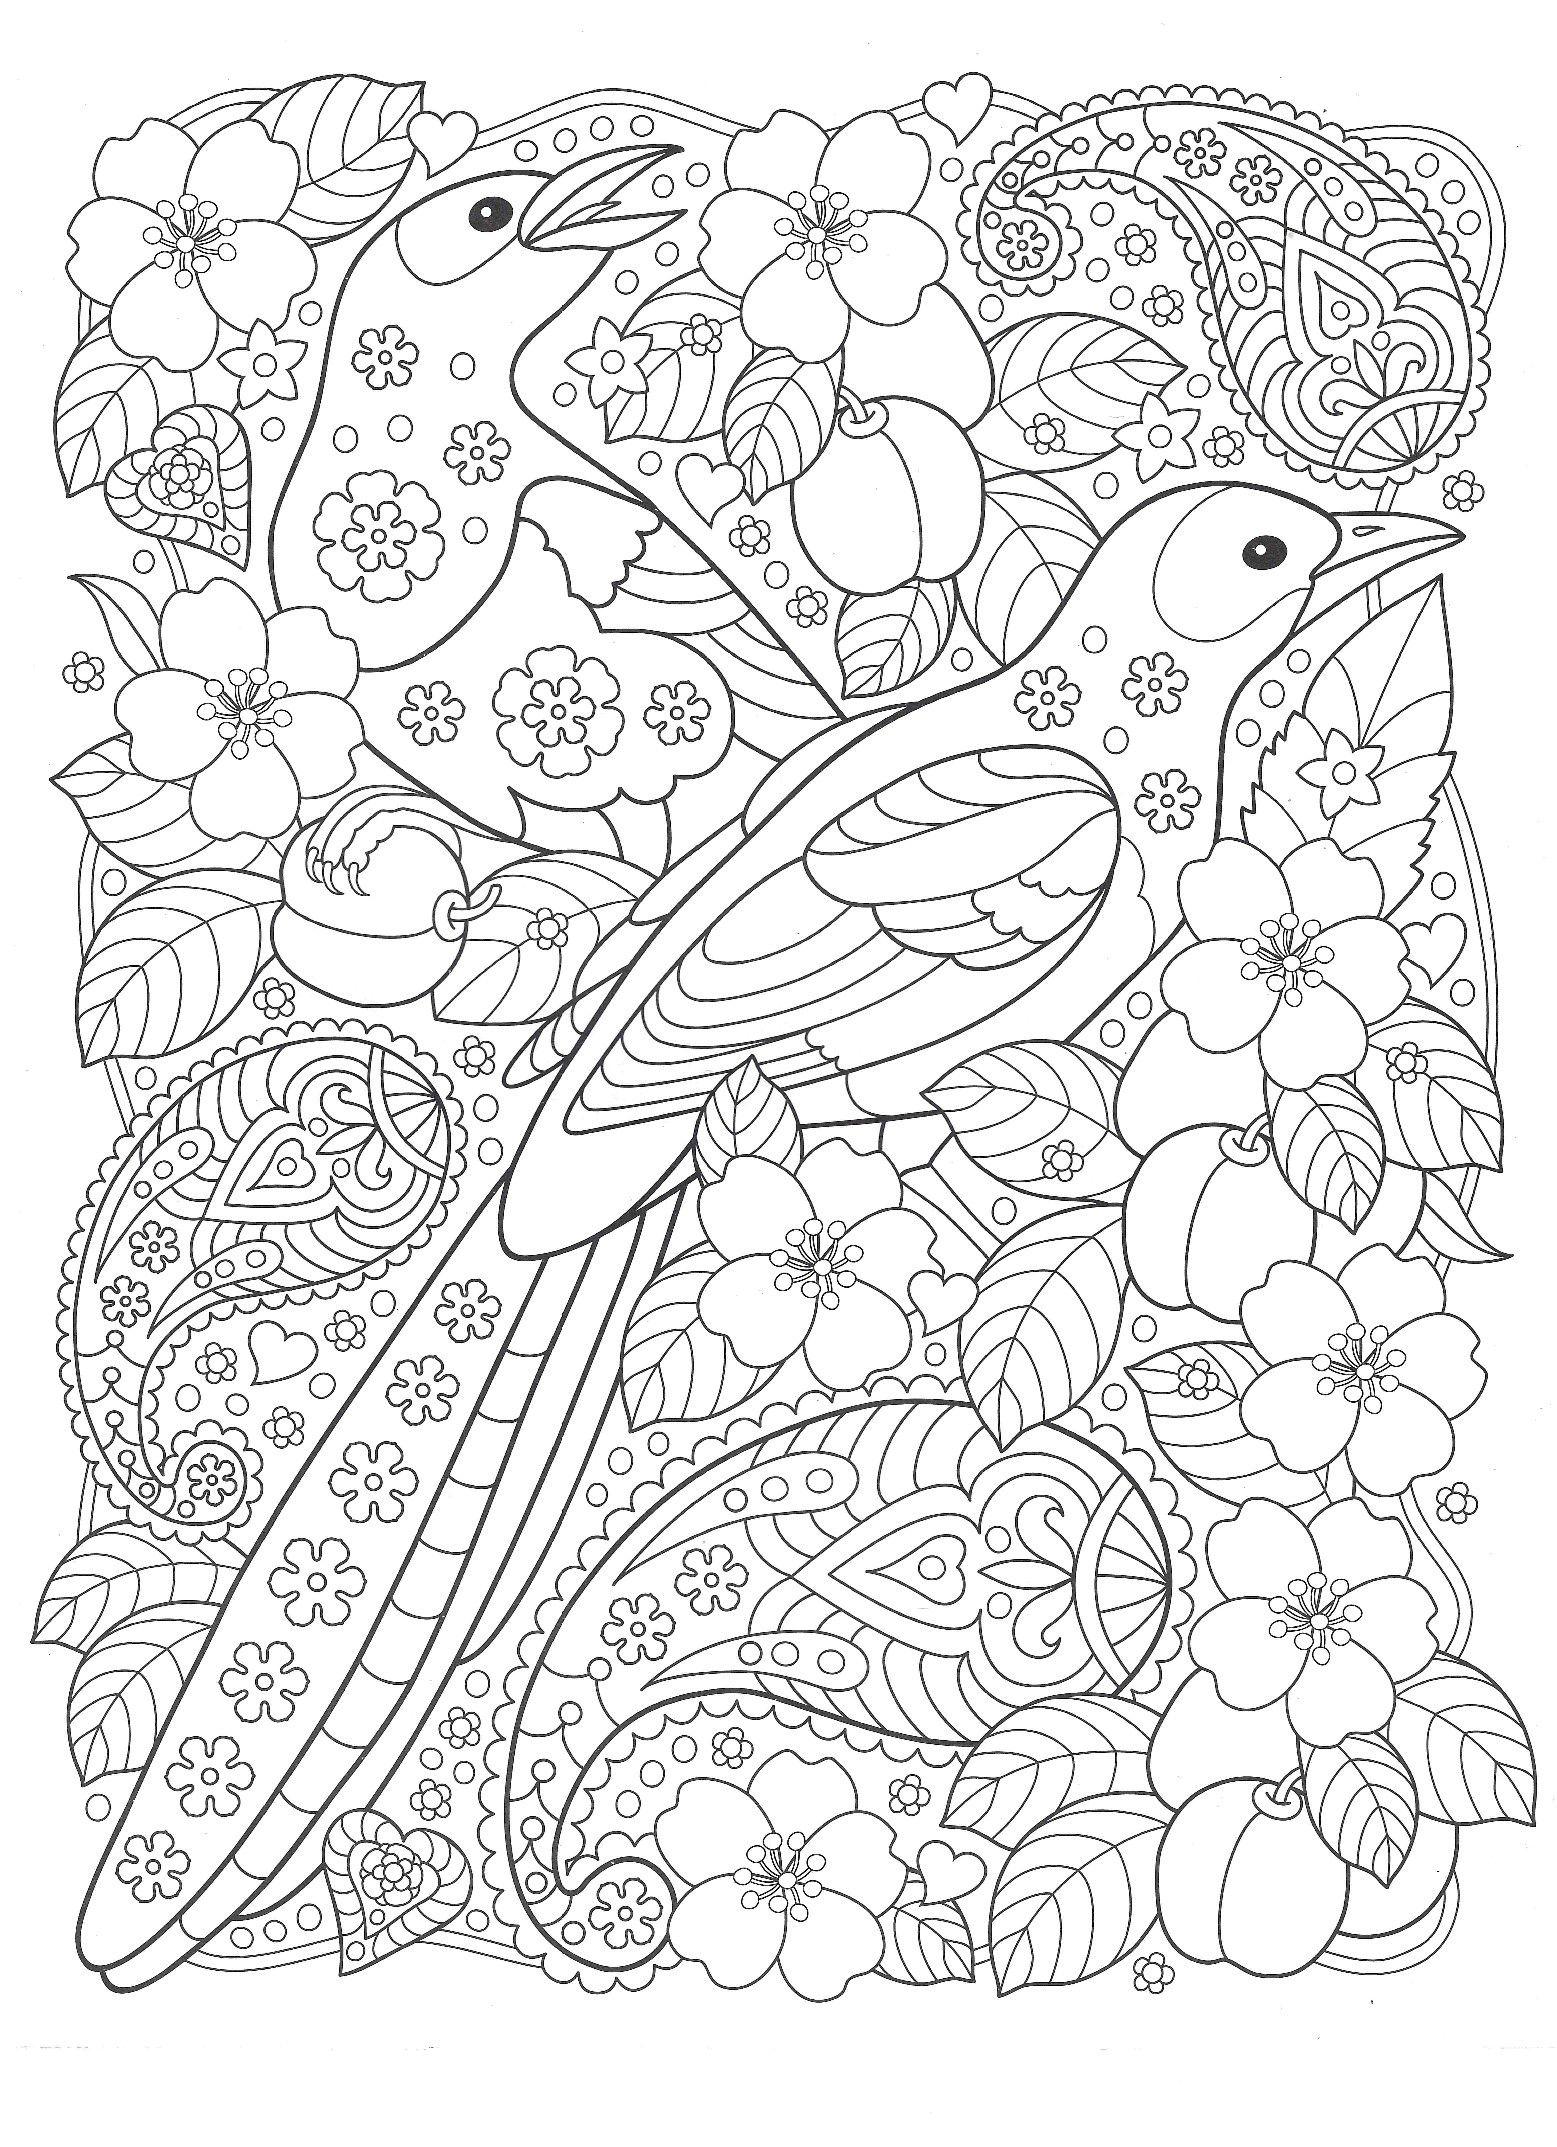 Раскраски «Птицы» - «Птицы с цветами» | Mandala coloring ...